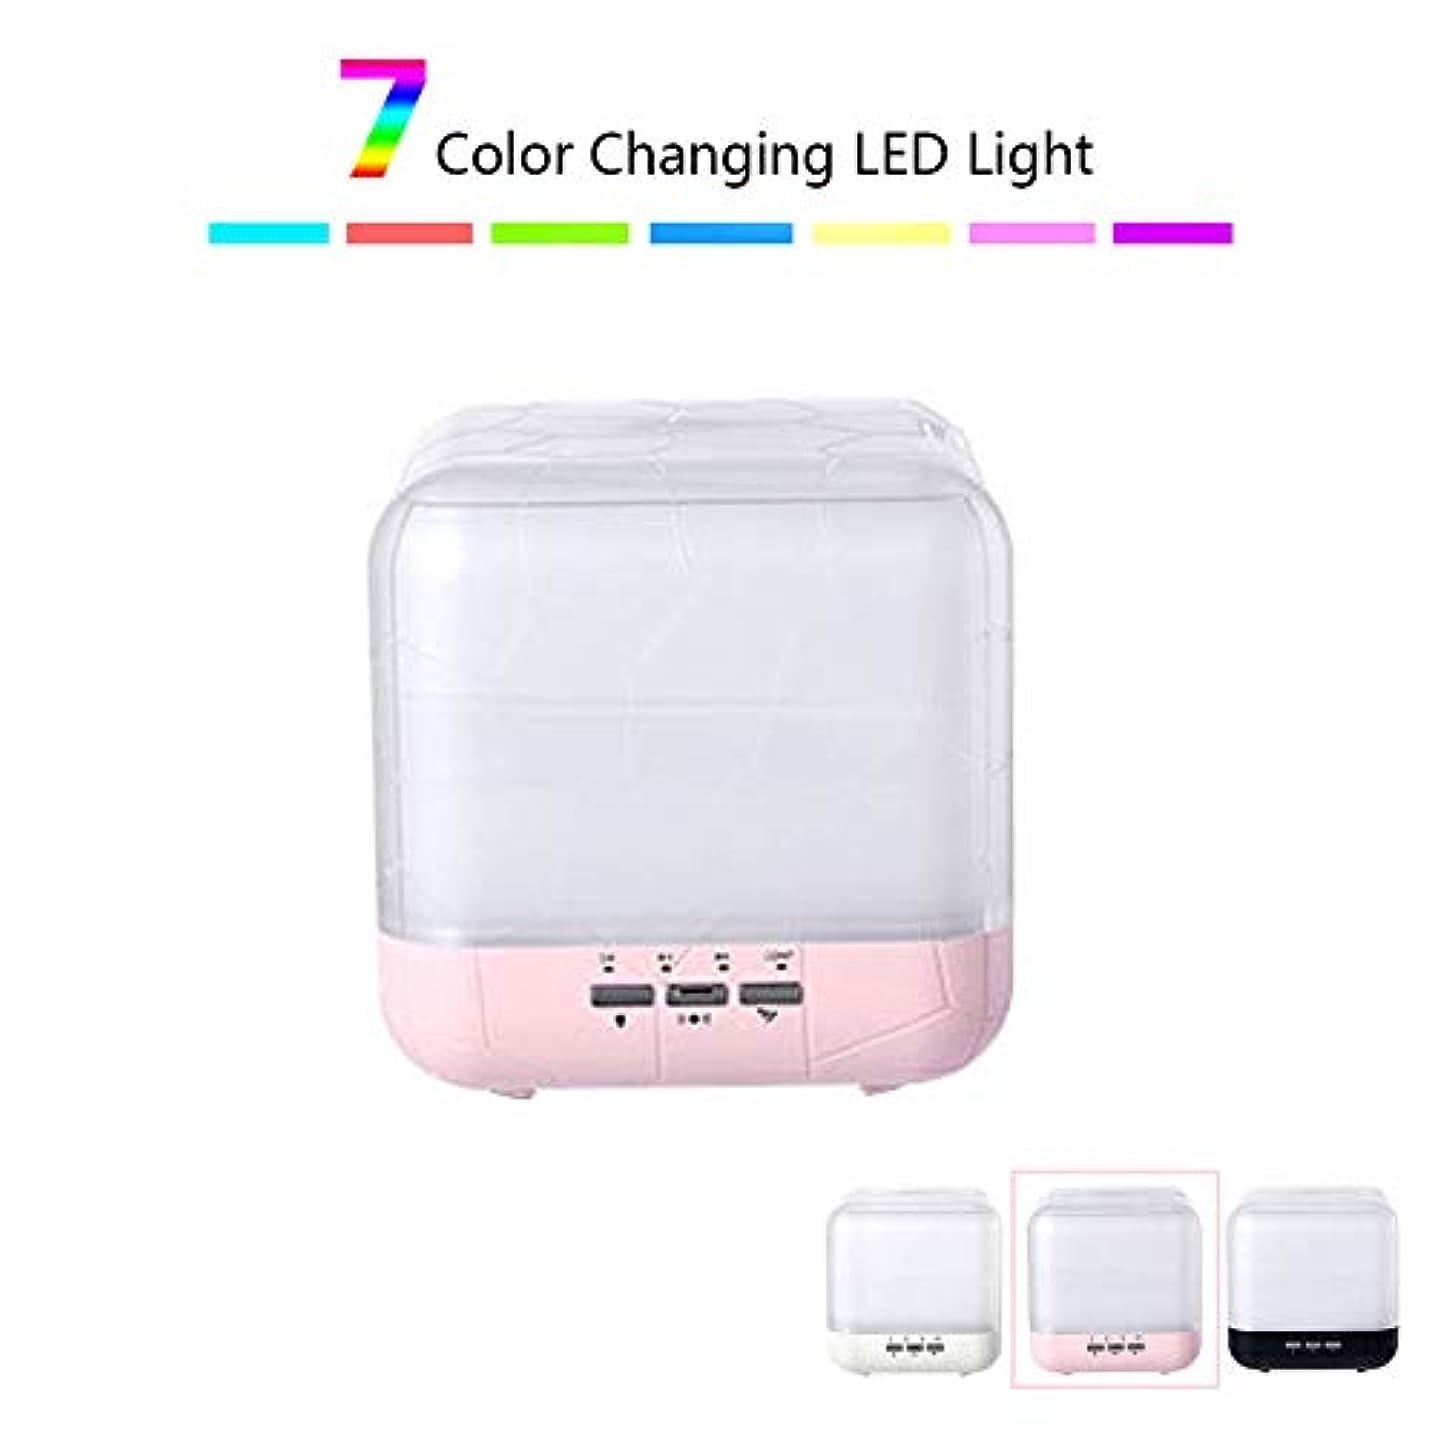 カテゴリーナサニエル区悪化させるエッセンシャルオイルディフューザー、1000mlアロマセラピー香り付きオイルディフューザー気化器加湿器、ウォーターレスオートオフ7 LEDライトカラー,ピンク